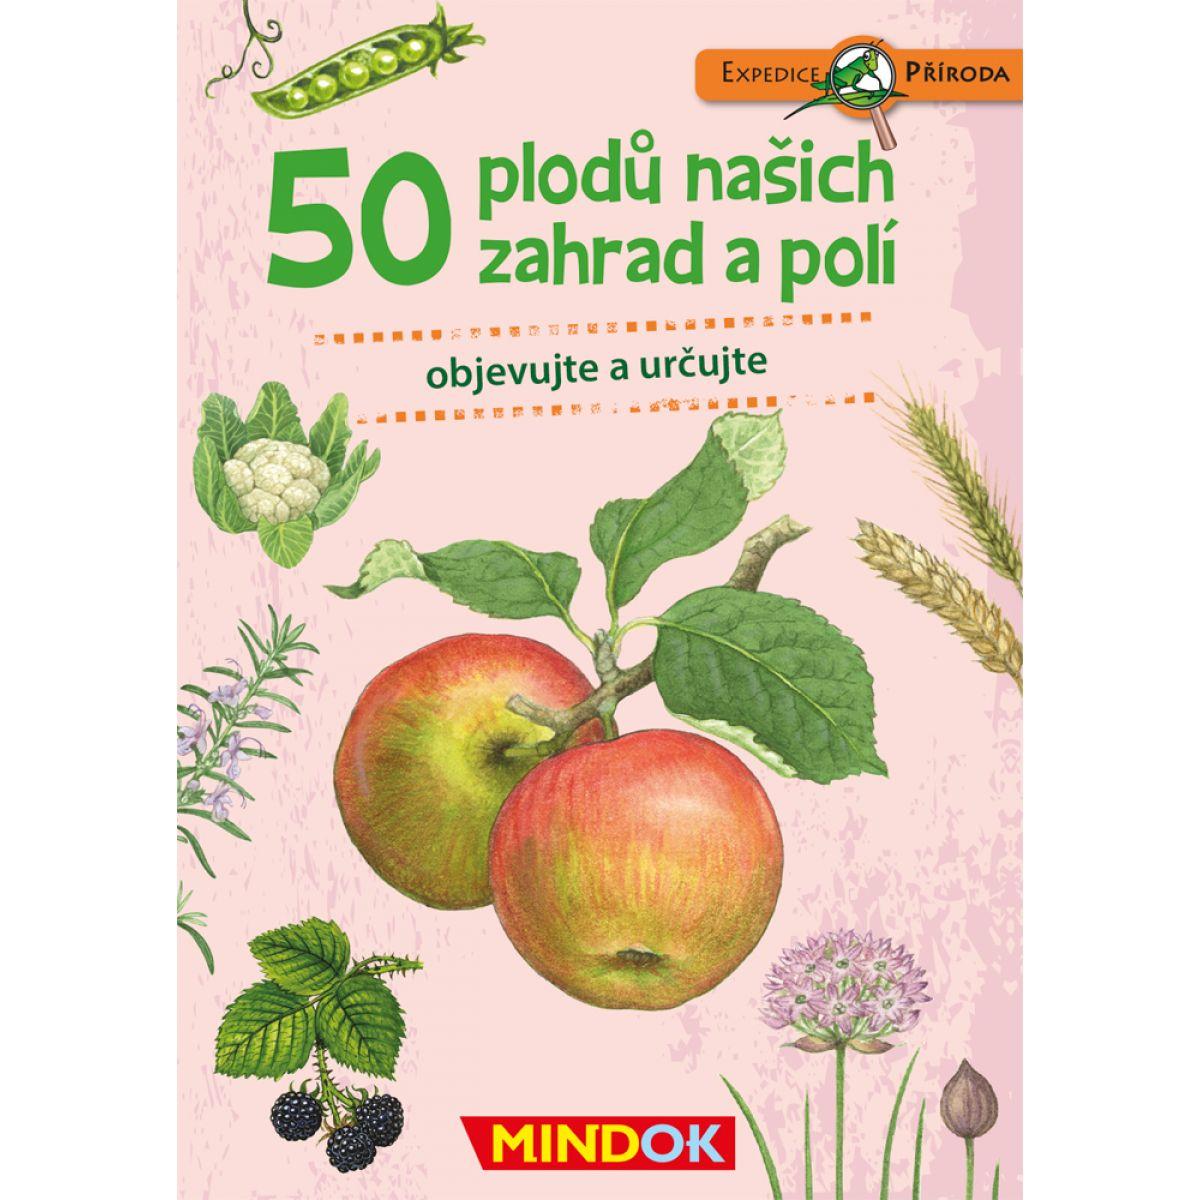 Mindok Expedice příroda 50 plodů našich zahrad a polí